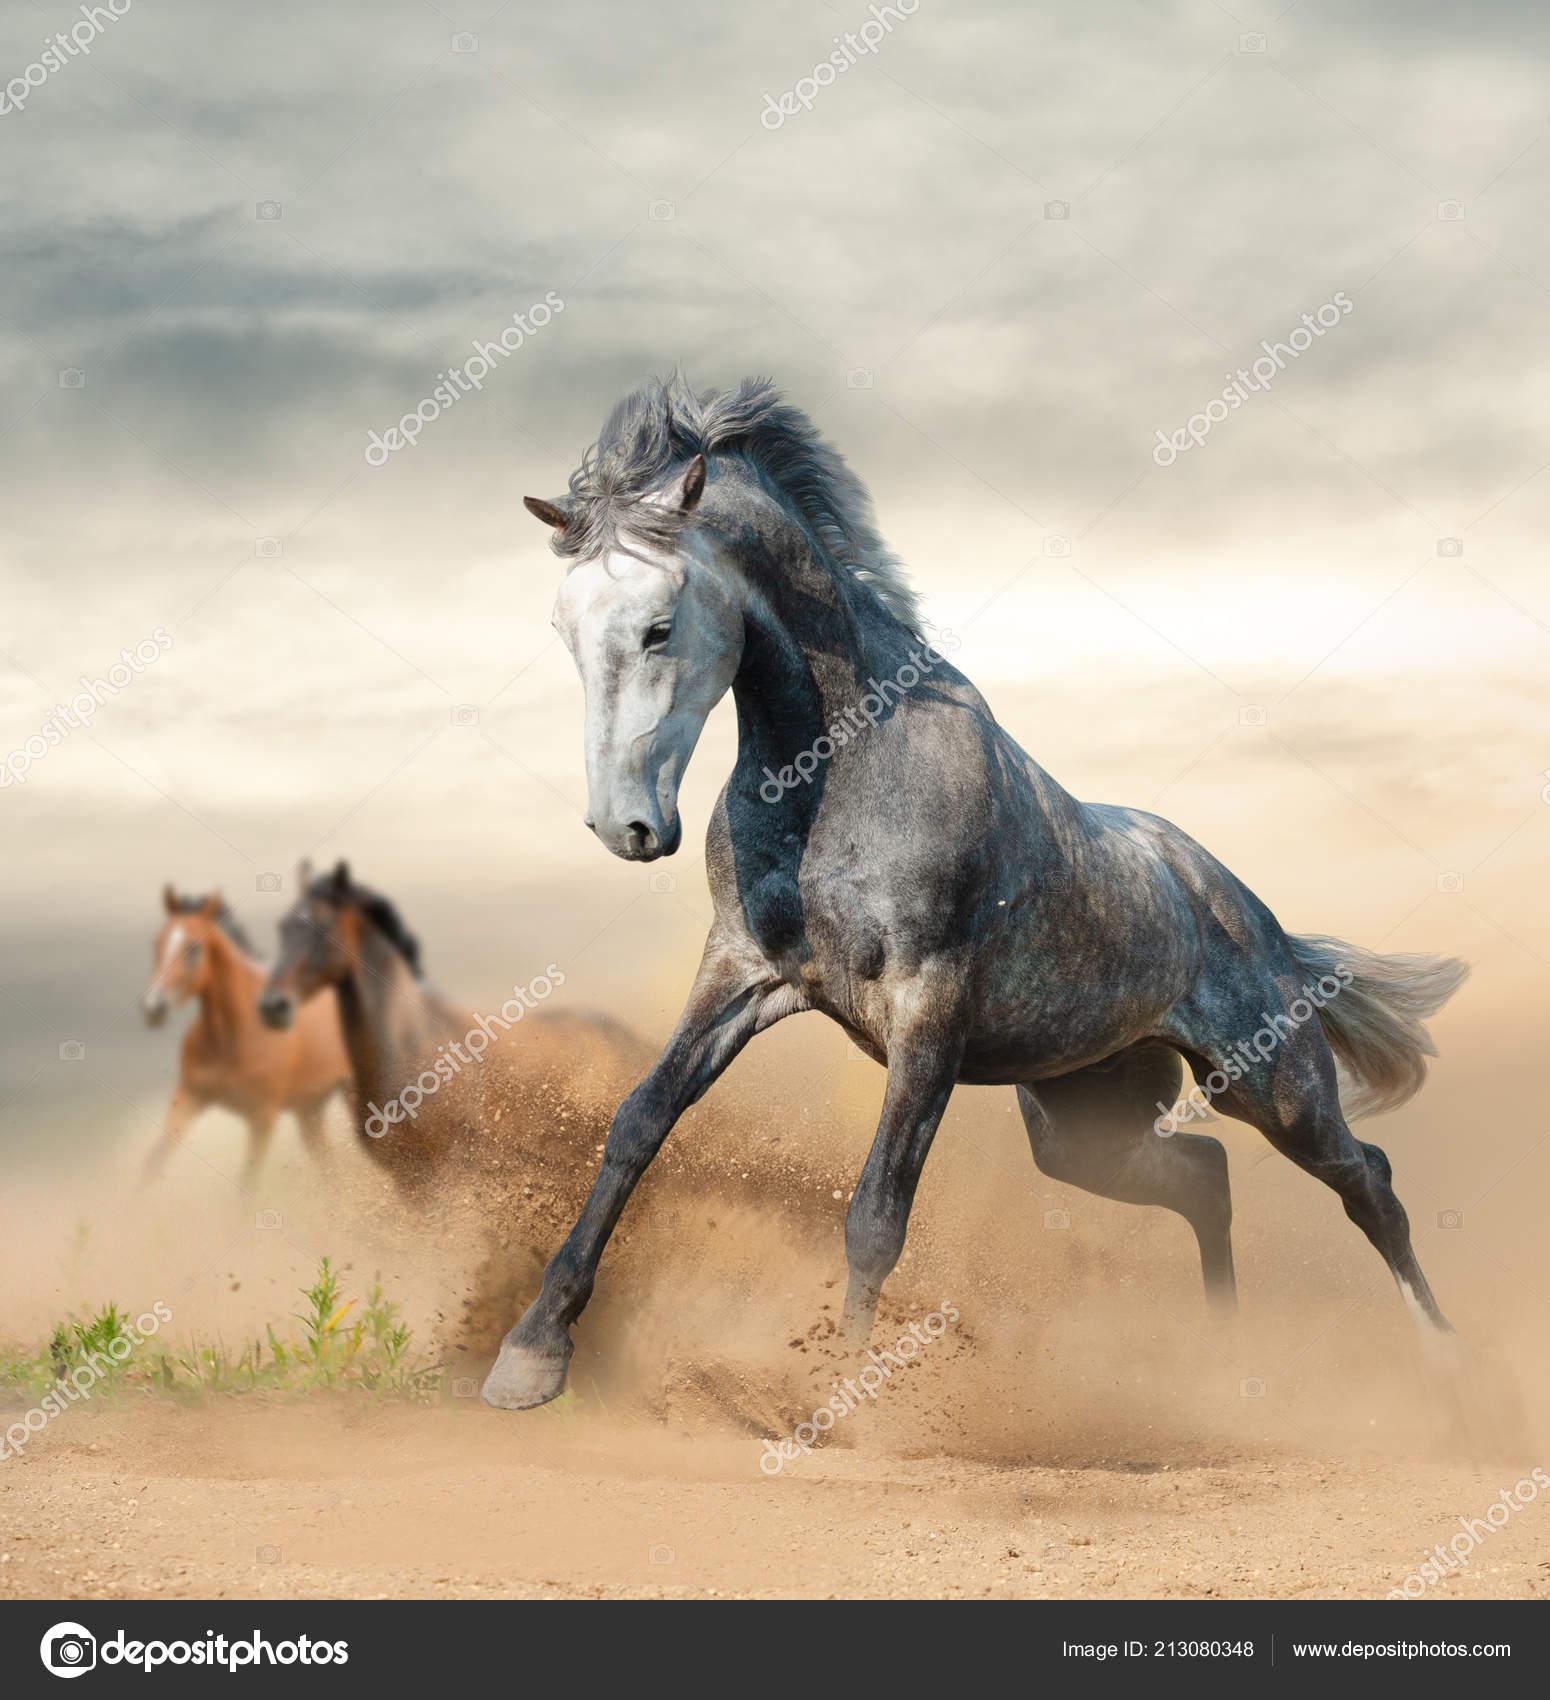 Beautiful Wild Horses Running Freedom Prairies Stock Photo C Mari Art 213080348